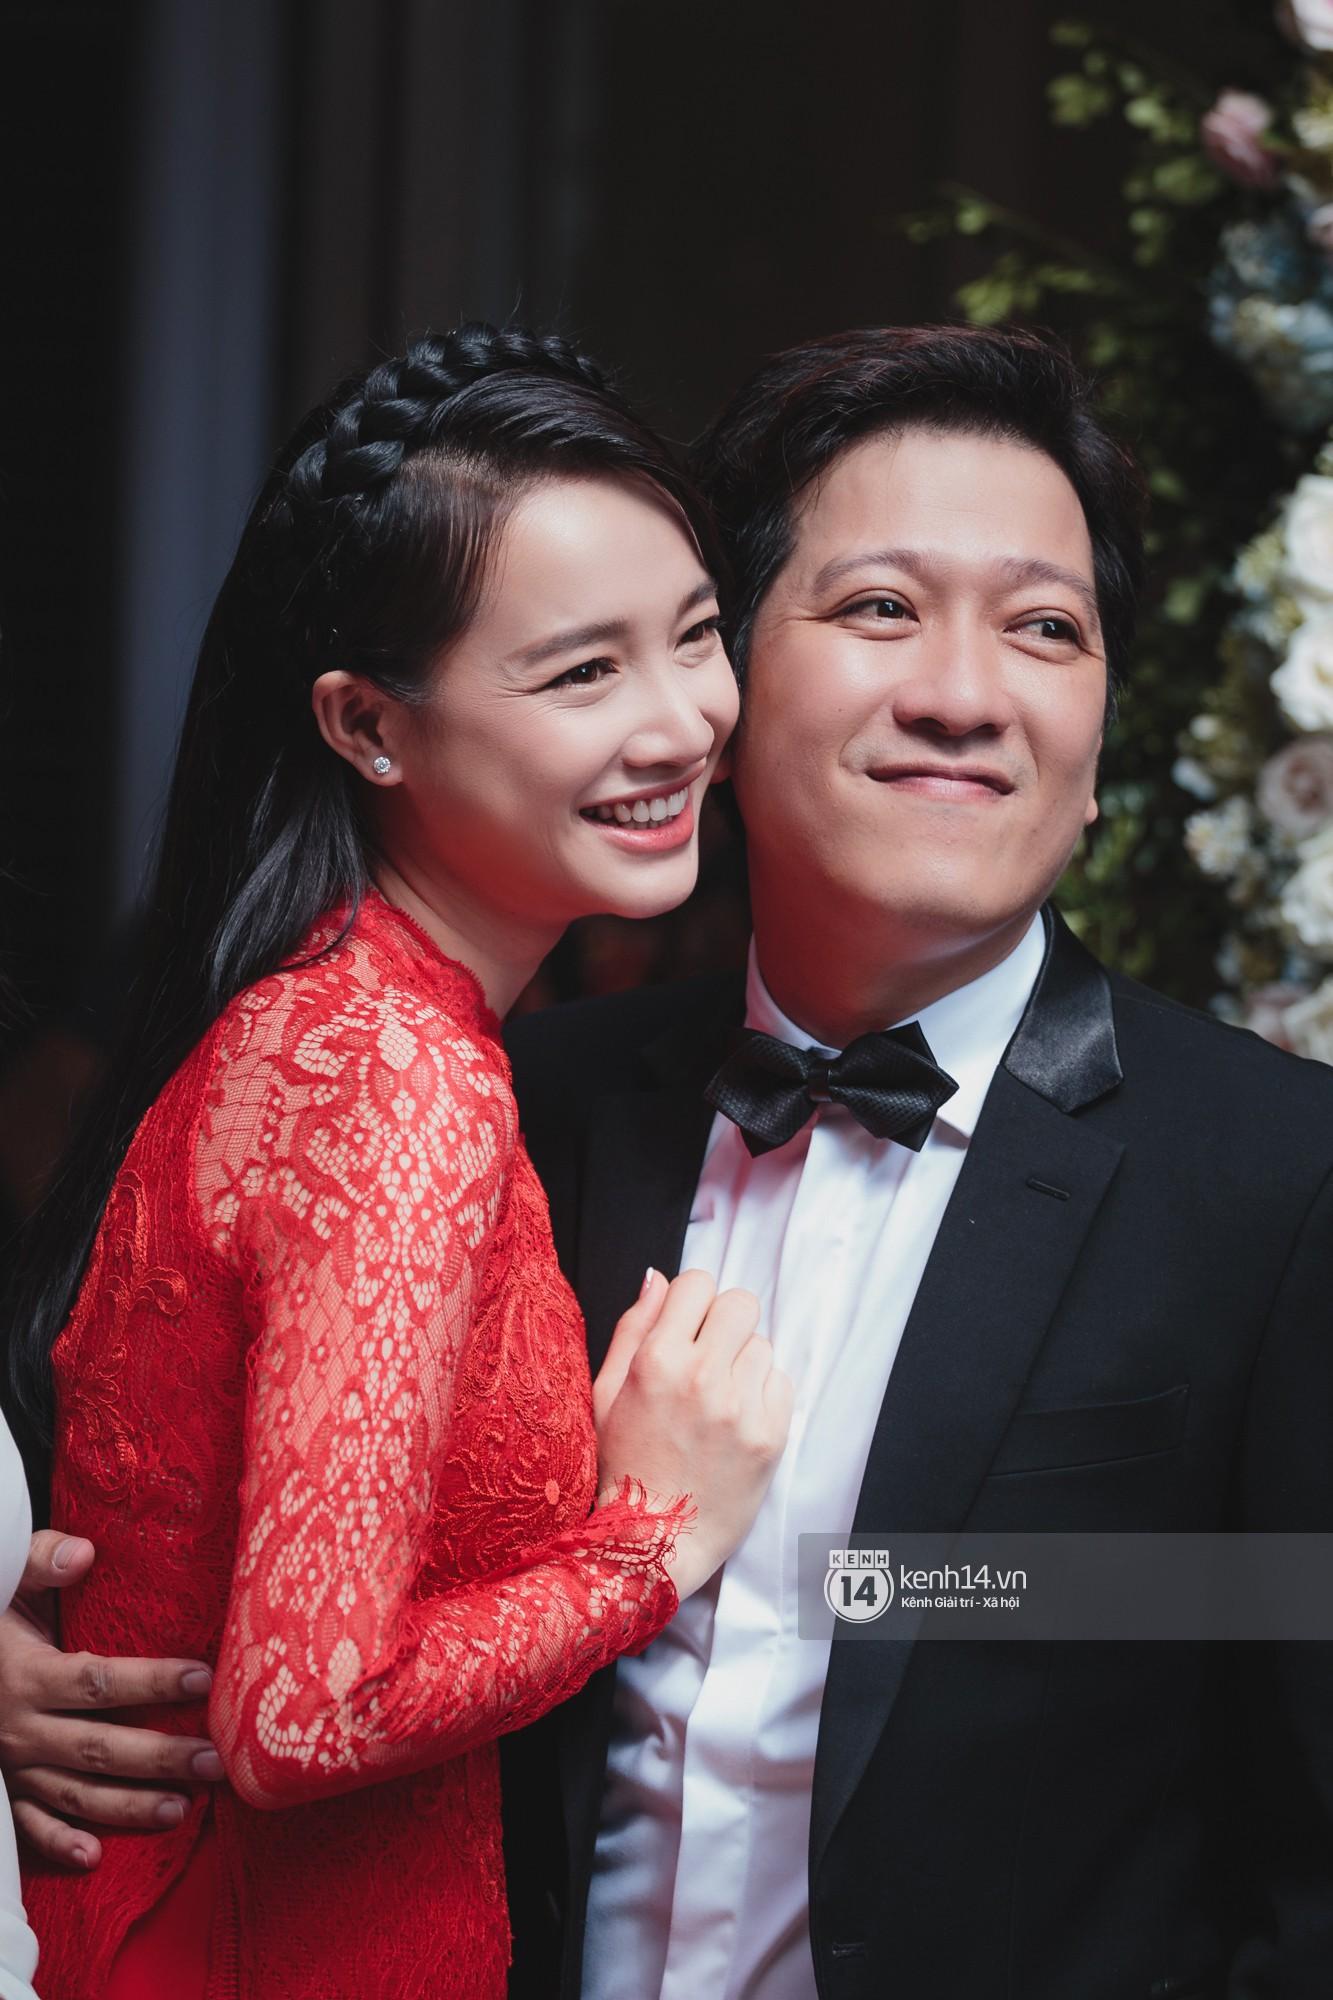 Điểm lại 5 đám cưới đình đám nhất showbiz Việt năm 2018: Xa hoa, lãng mạn và được bảo vệ nghiêm ngặt tới từng chi tiết - Ảnh 4.